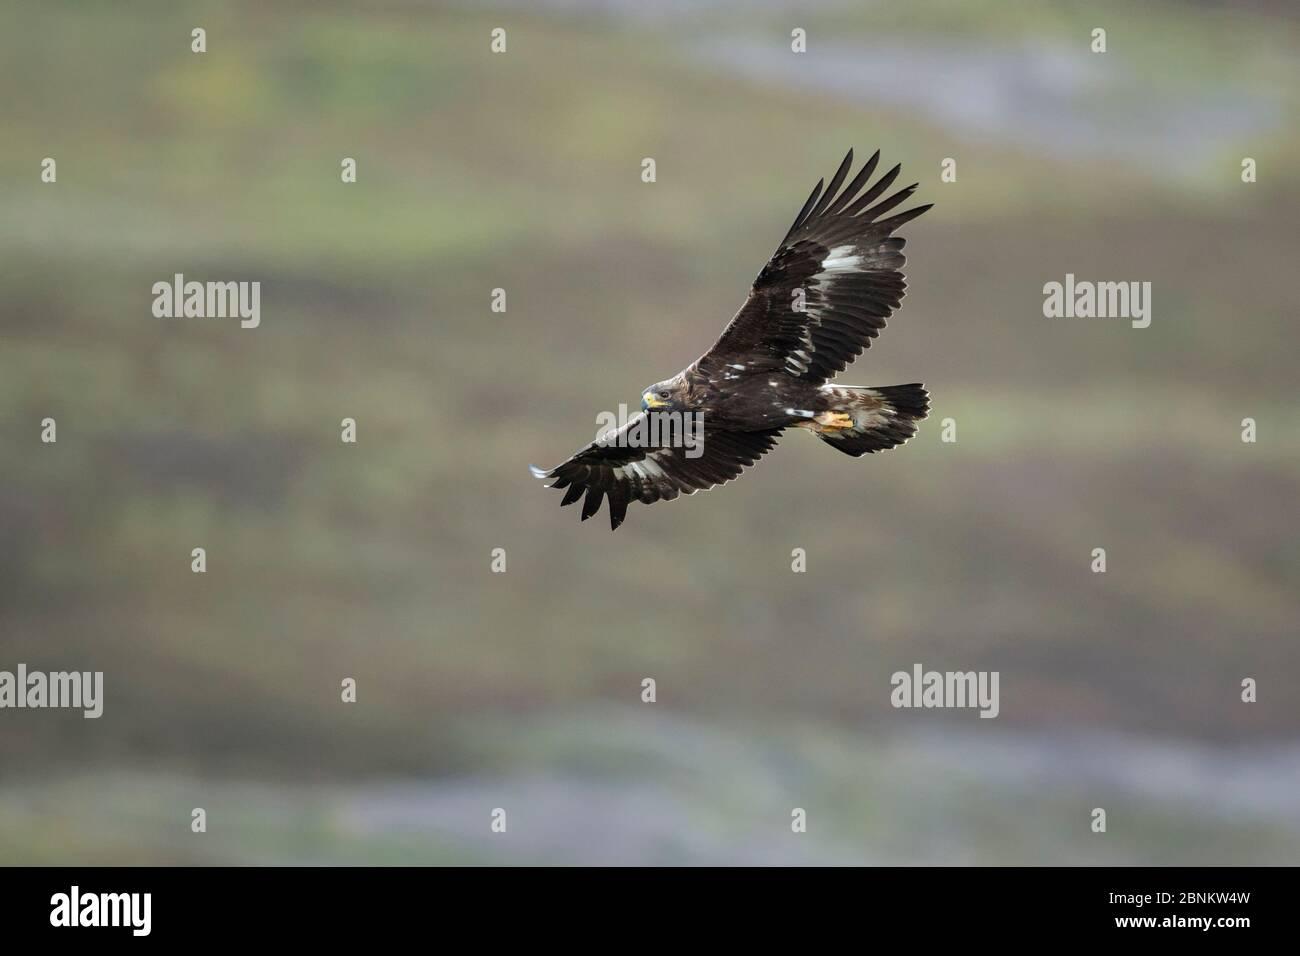 Aigle royal (Aquila chrysaetos), vol sous-adulte, Strathdenarn, Inverness-shire, Écosse, Royaume-Uni, août. Banque D'Images